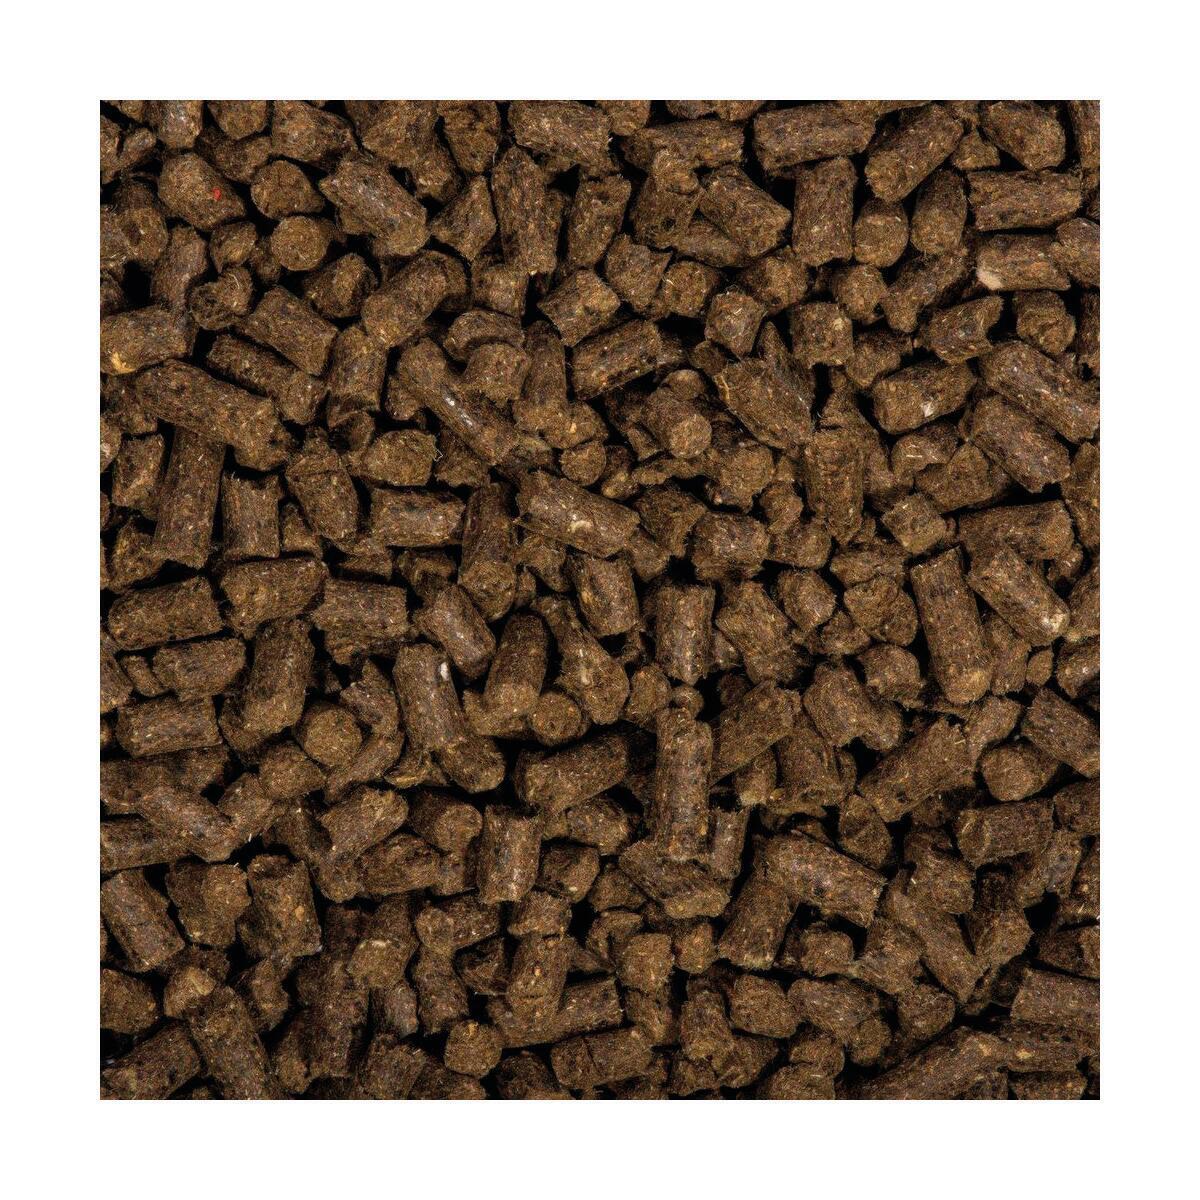 Concime organico granulare COMPO Bio per pomodori 750 Gr - 5